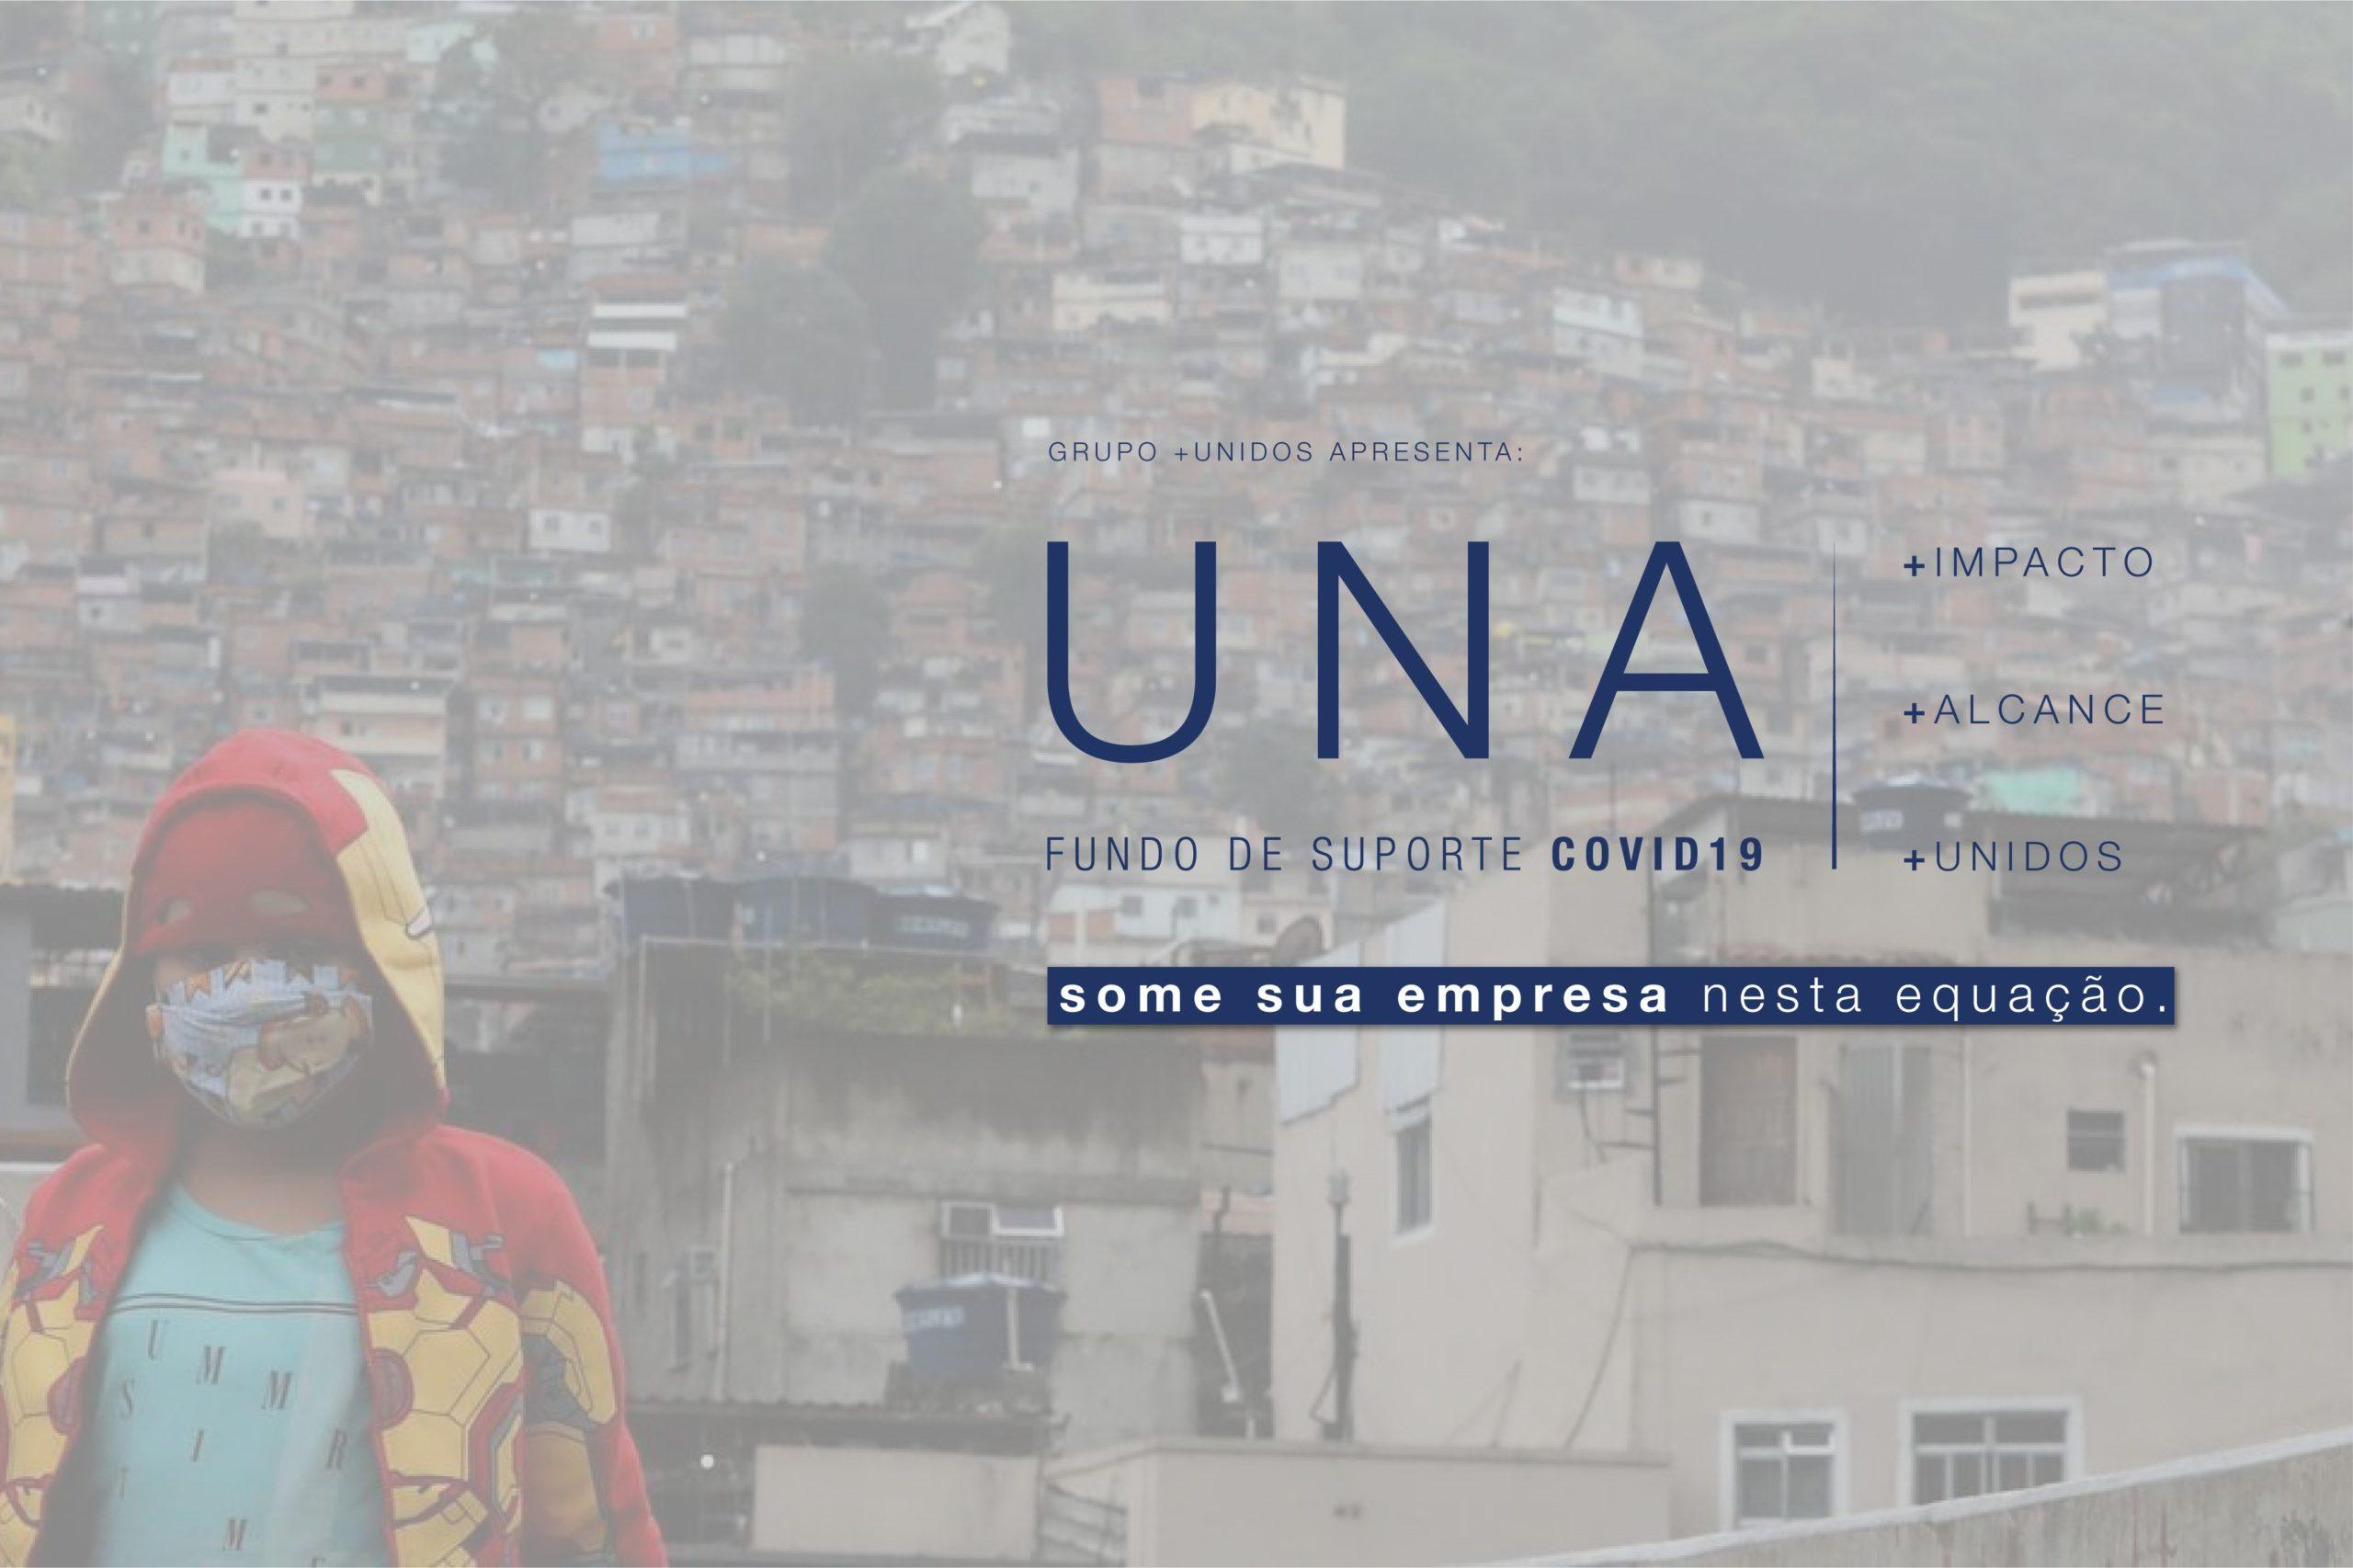 GRUPO +UNIDOS LIDERA ARRECADAÇÃO DE R$ 5 MILHÕES PARA MITIGAÇÃO DOS EFEITOS DA PANDEMIA DO NOVO CORONAVÍRUS EM COMUNIDADES VULNERÁVEIS